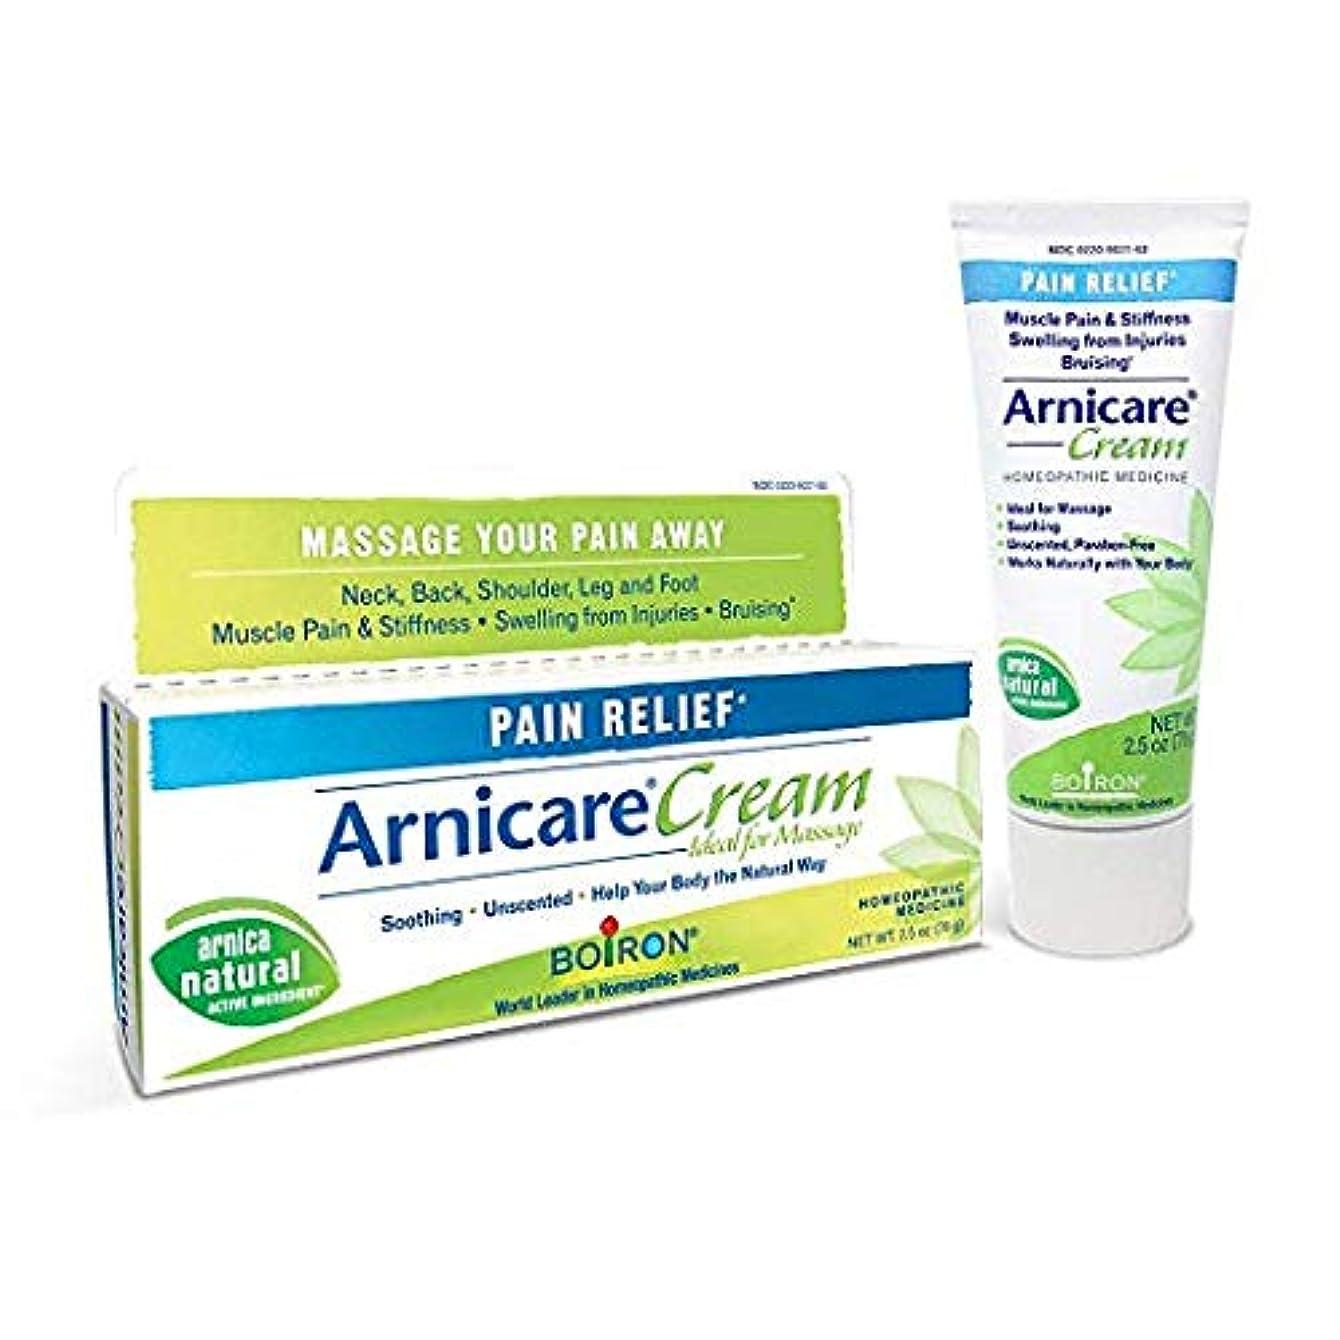 コーンウォール先例パニックボイロン アルニカクリーム Boiron Arnicare Cream 2.5 Ounces Topical Pain Relief Cream [並行輸入品]